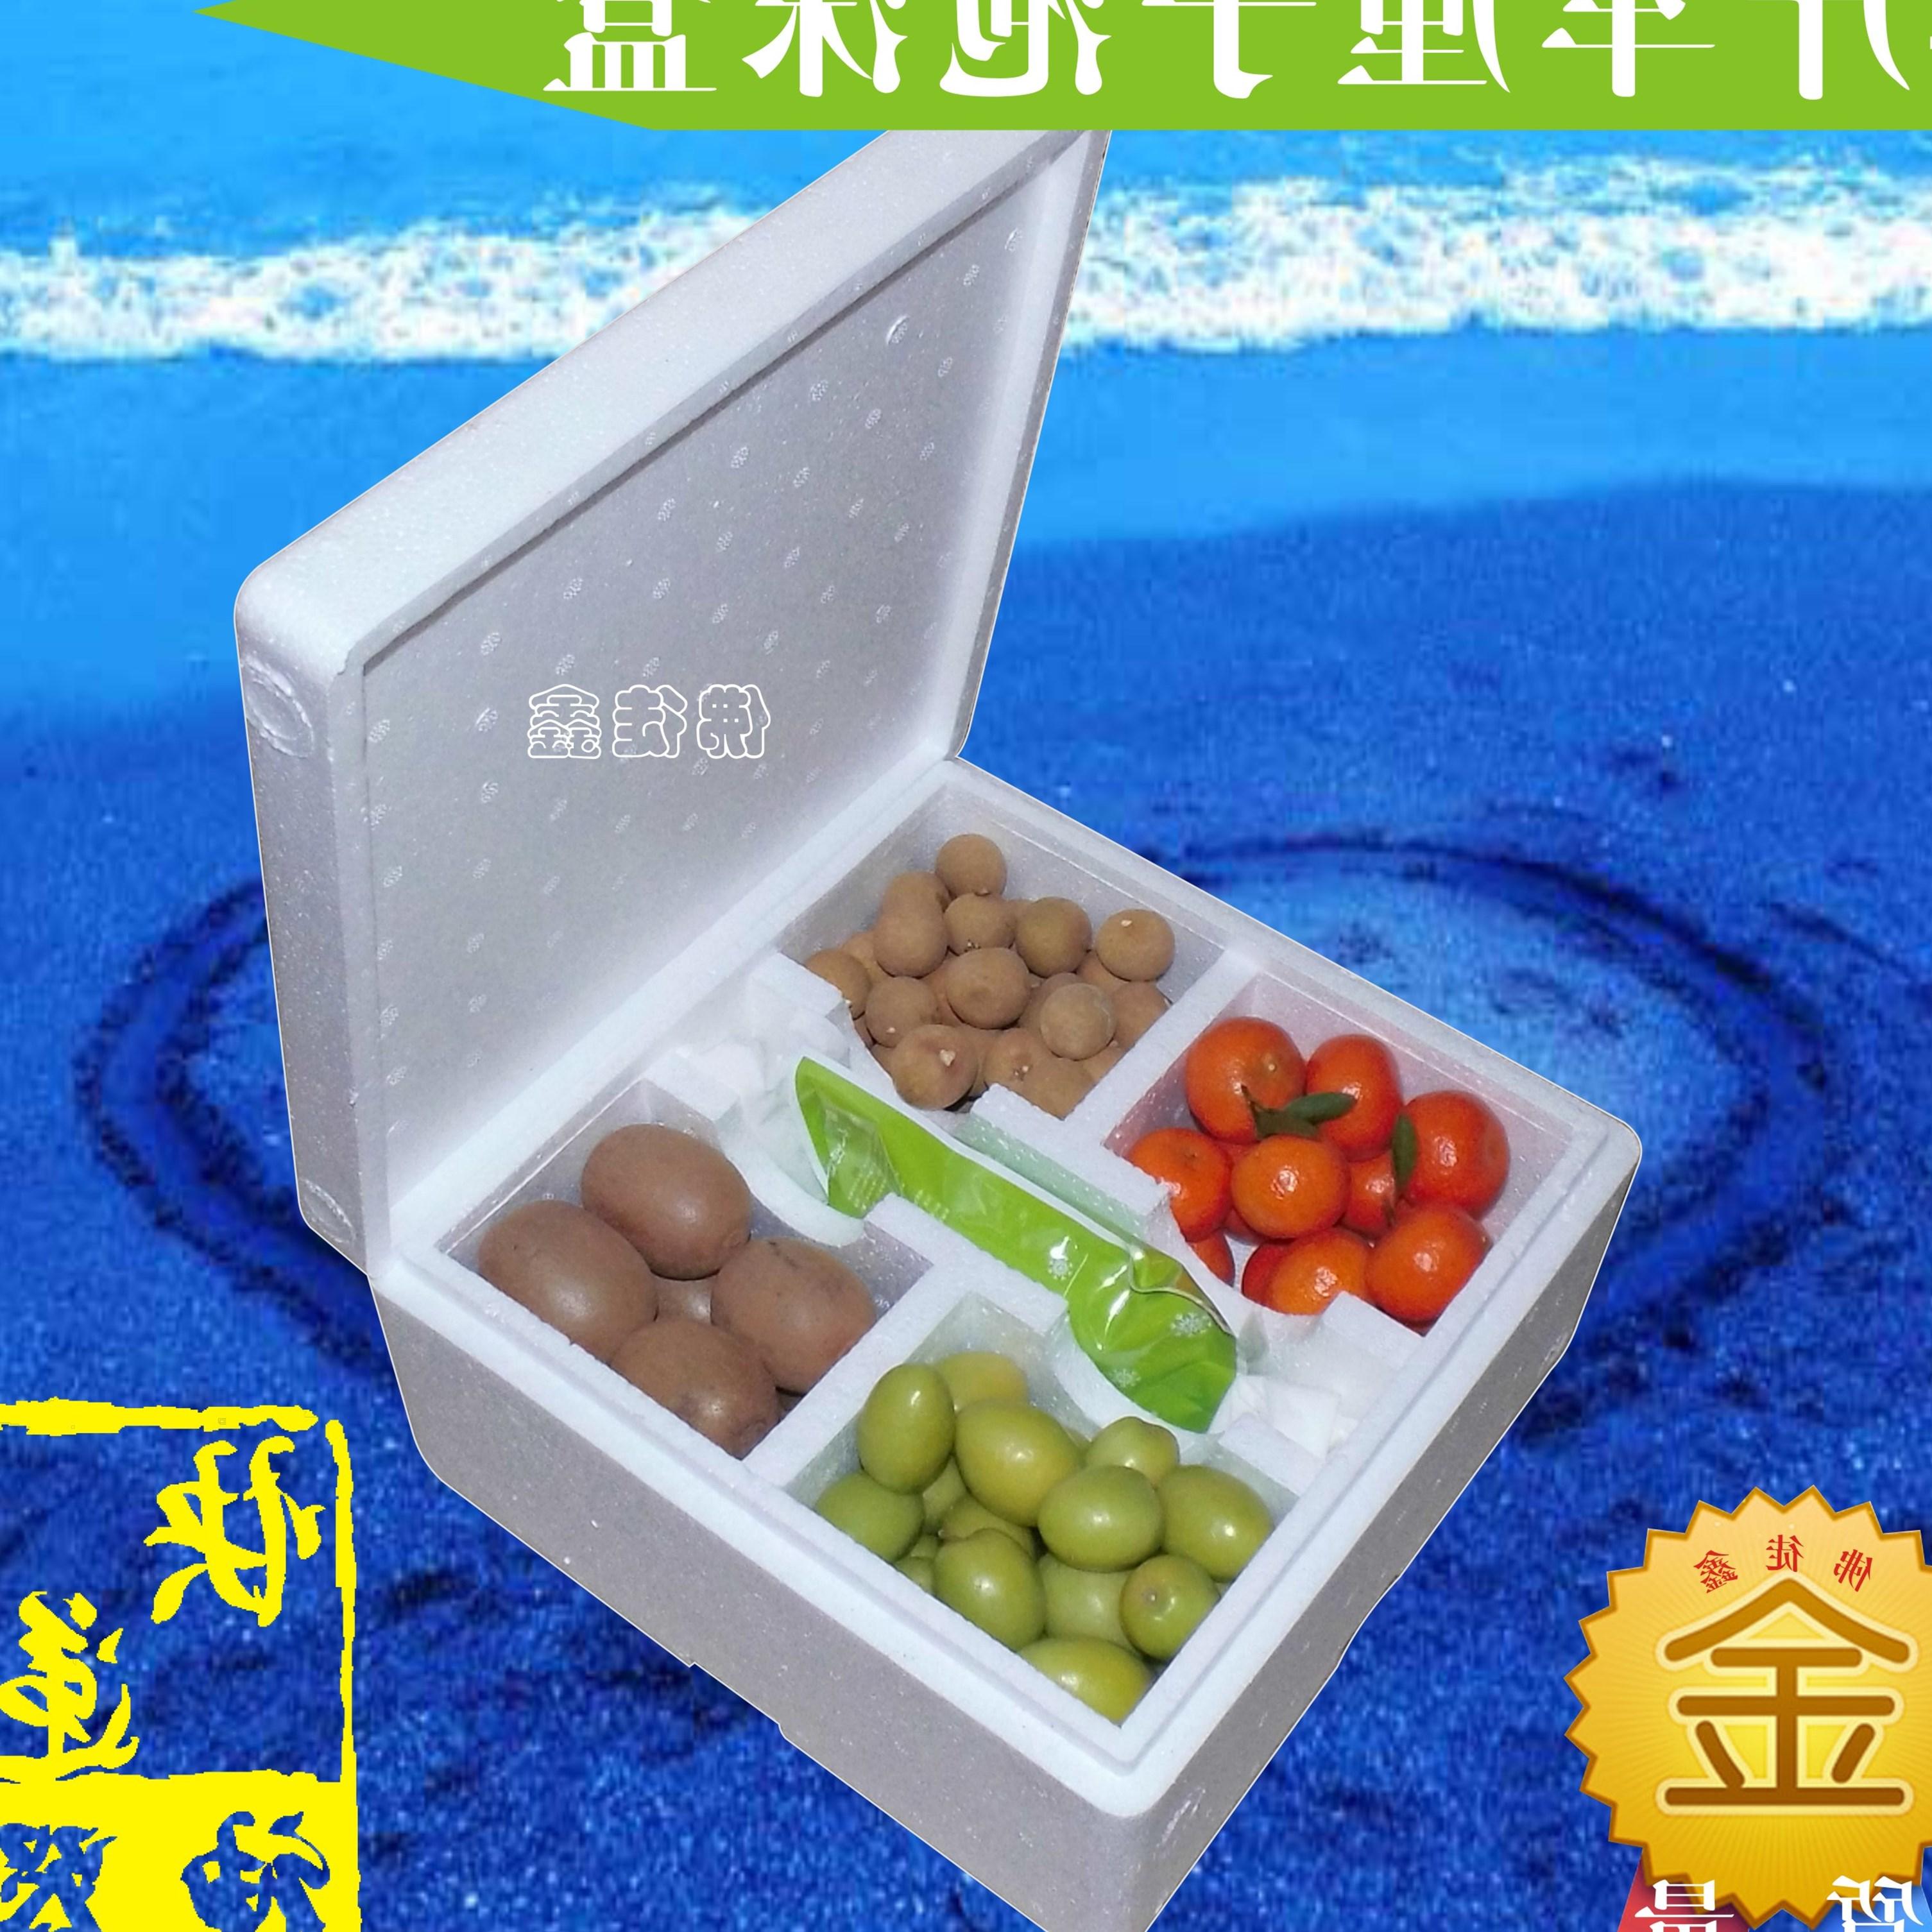 4分格4斤车厘子/樱桃/桂圆/荔枝/李子水果保温鲜泡沫包装箱纸盒